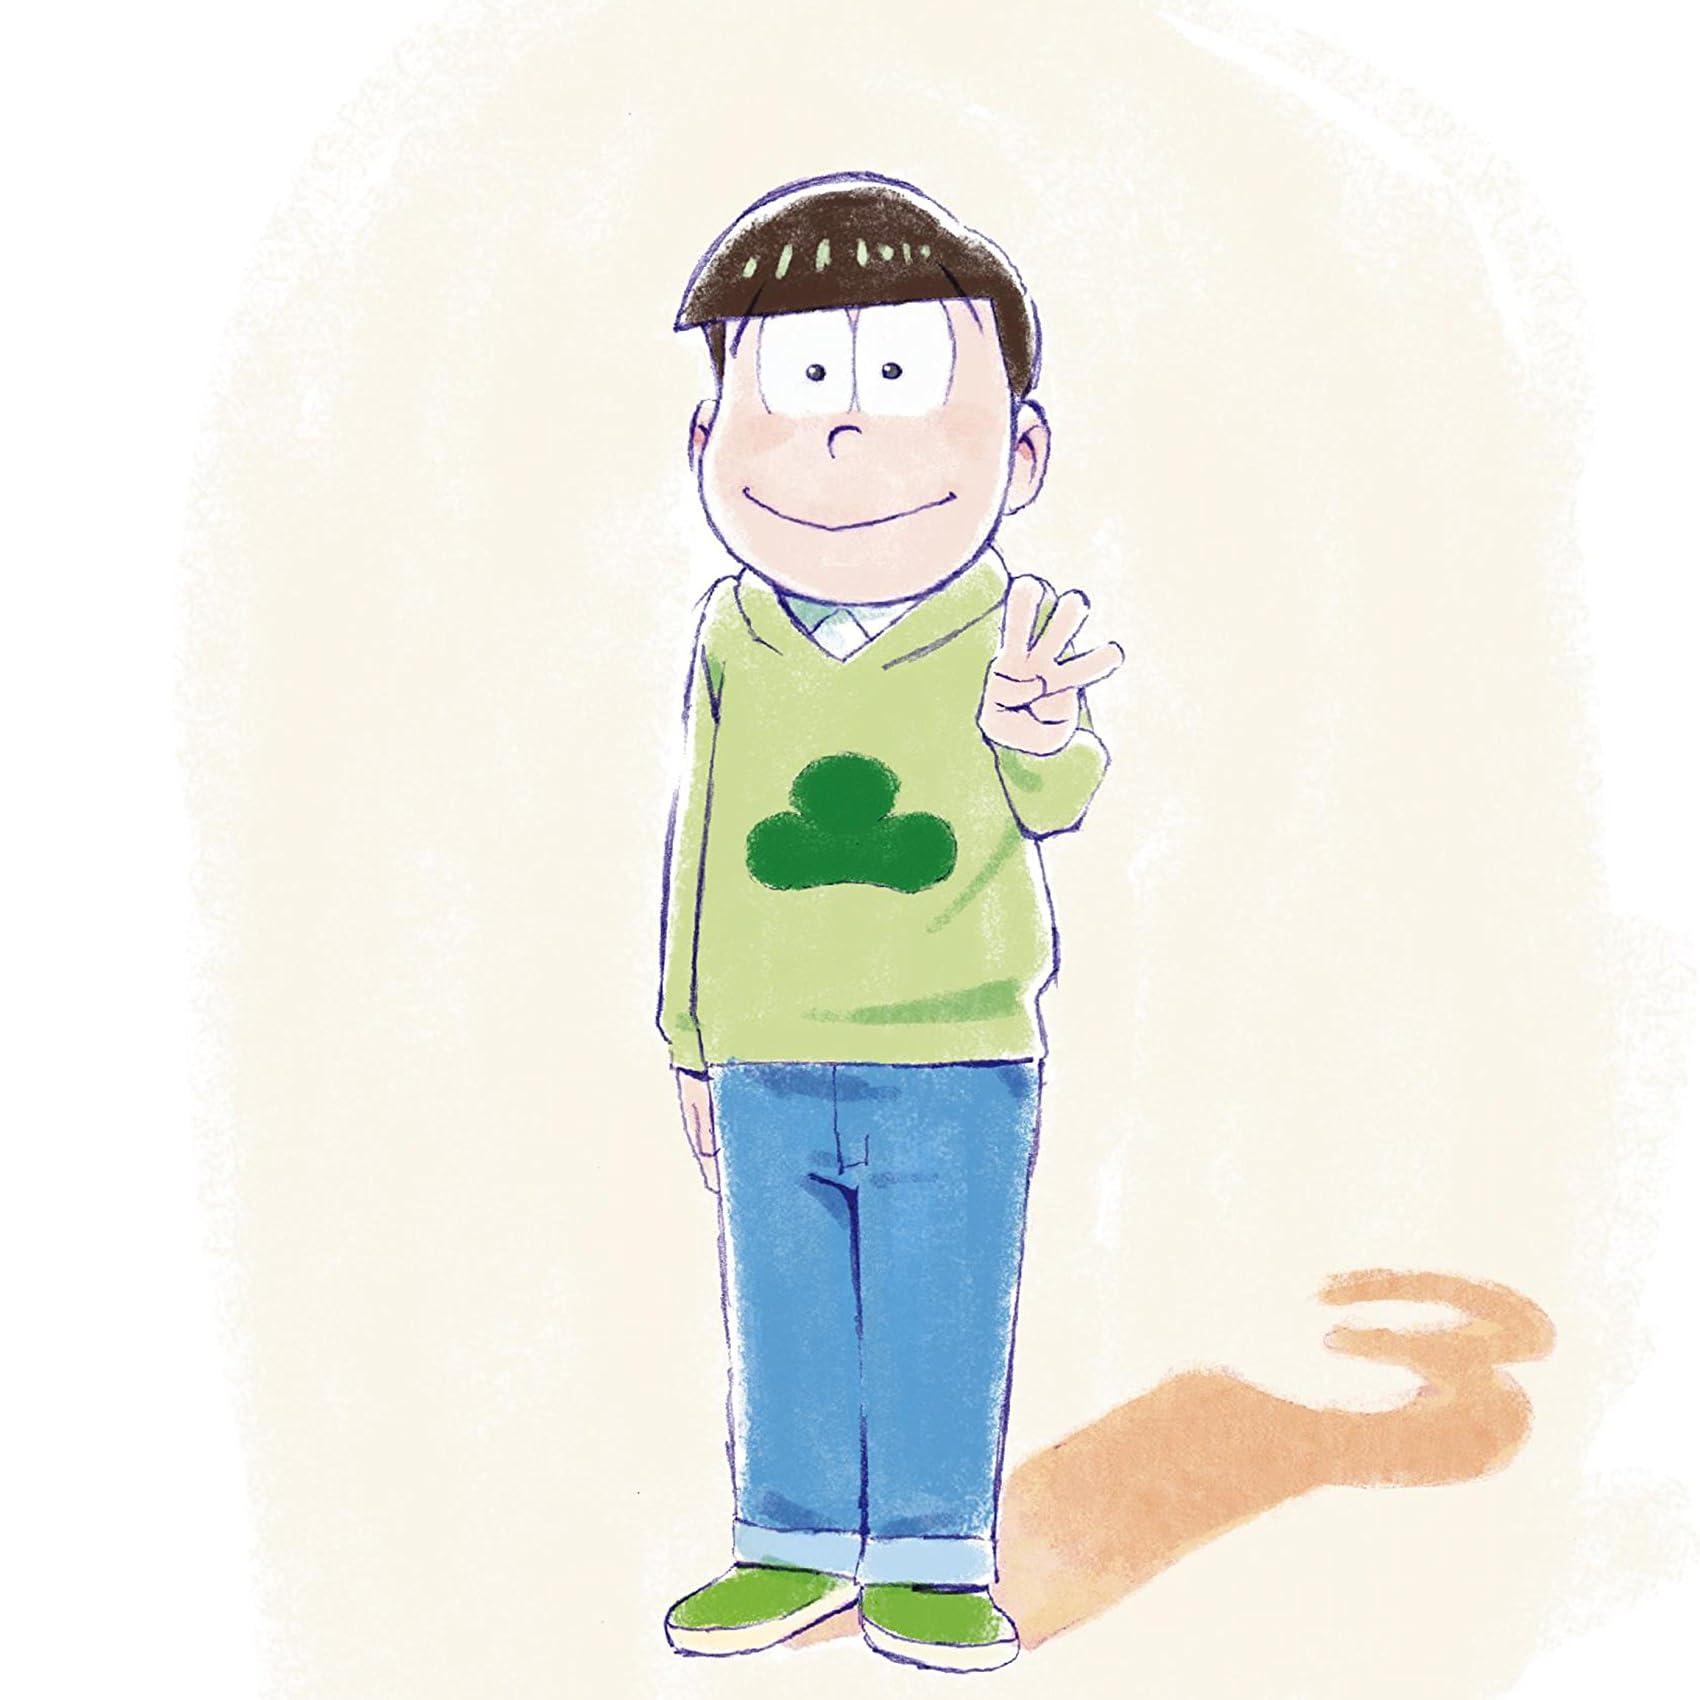 おそ松さん 松セレクション 三男 チョロ松 Ipad壁紙 画像70435 スマポ